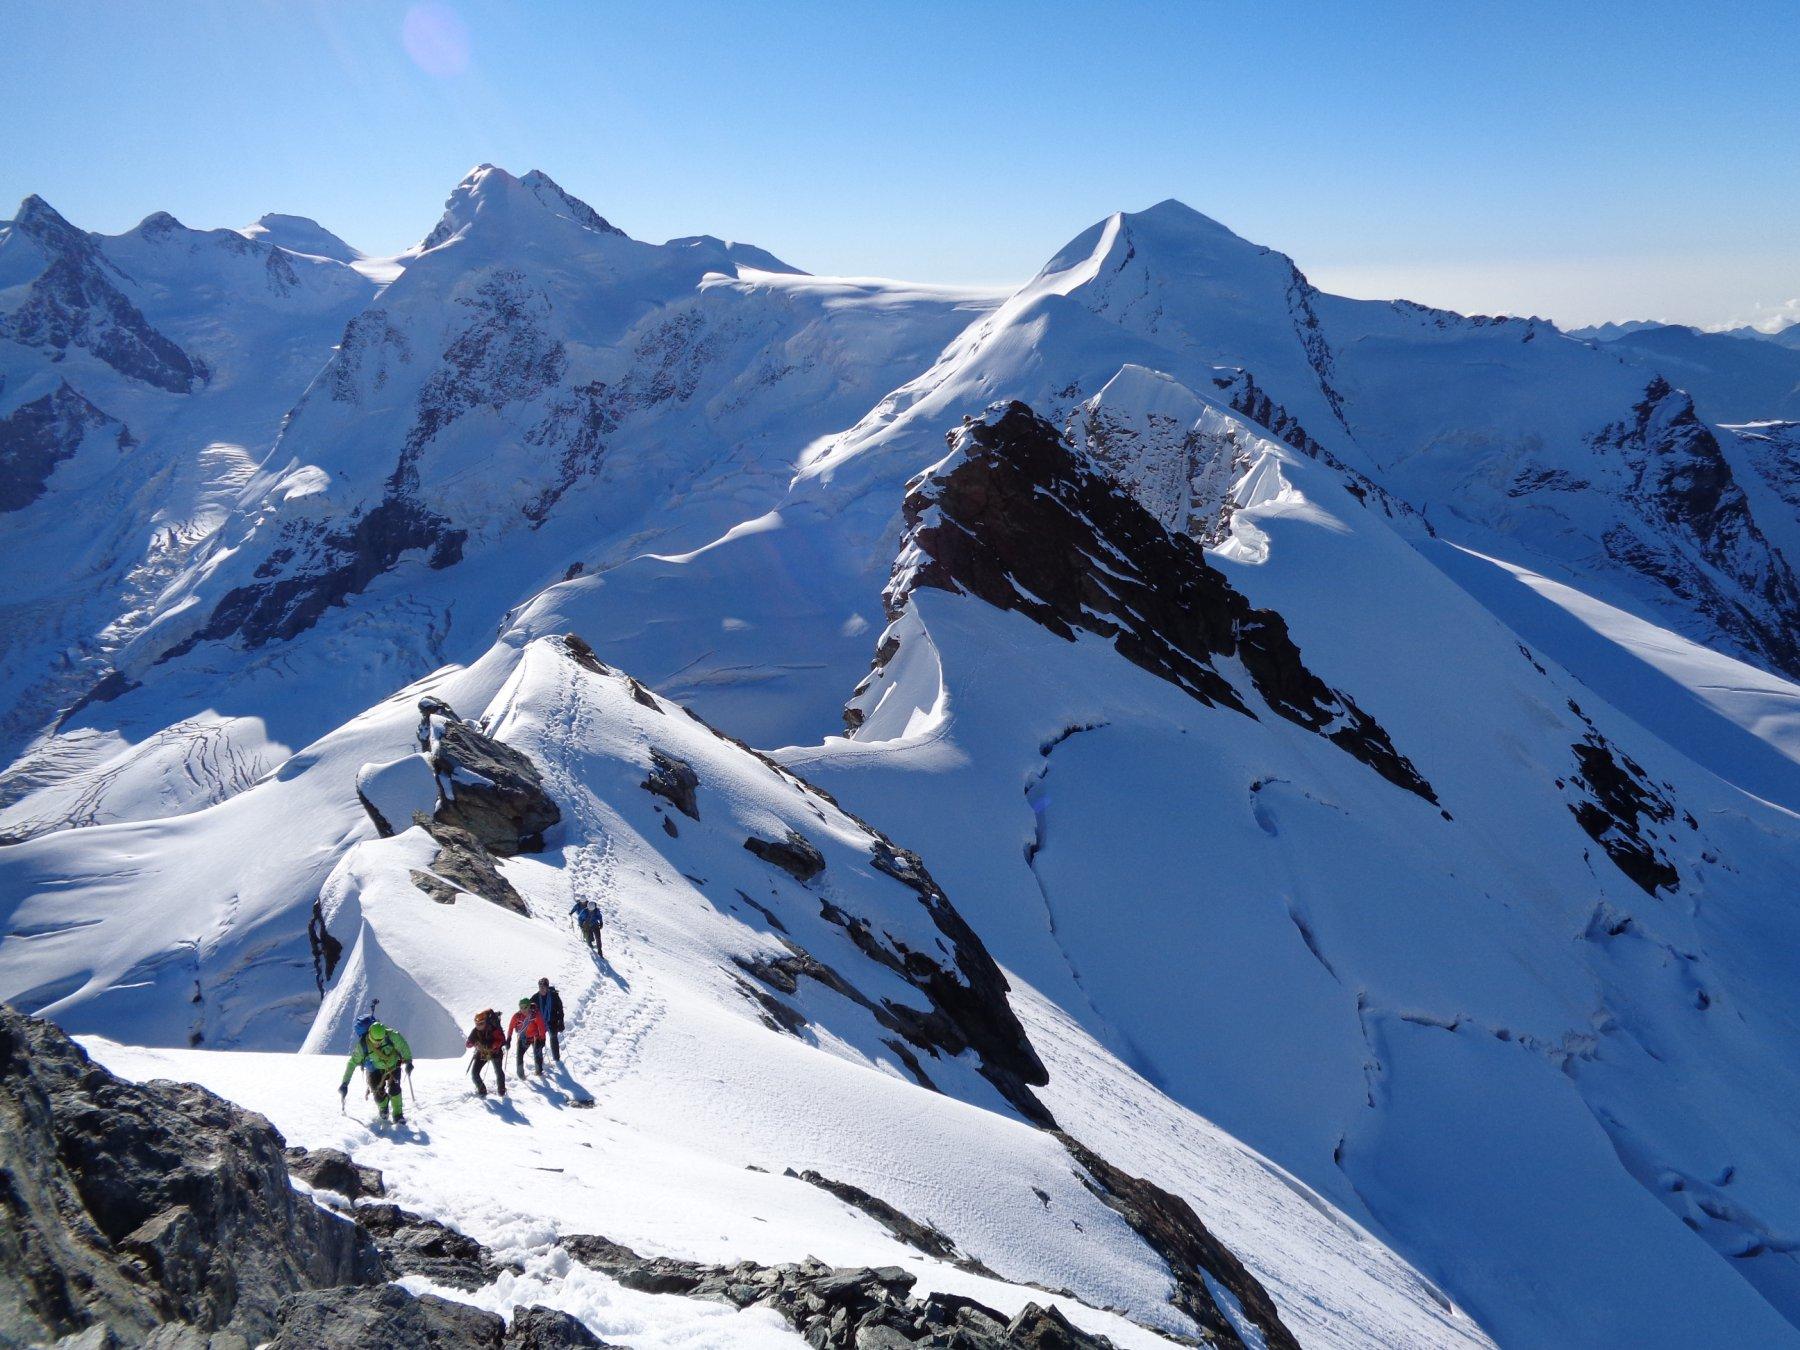 Roccia Nera, Gemello e Breithorn Orientale da Plateau Rosa 2015-08-29